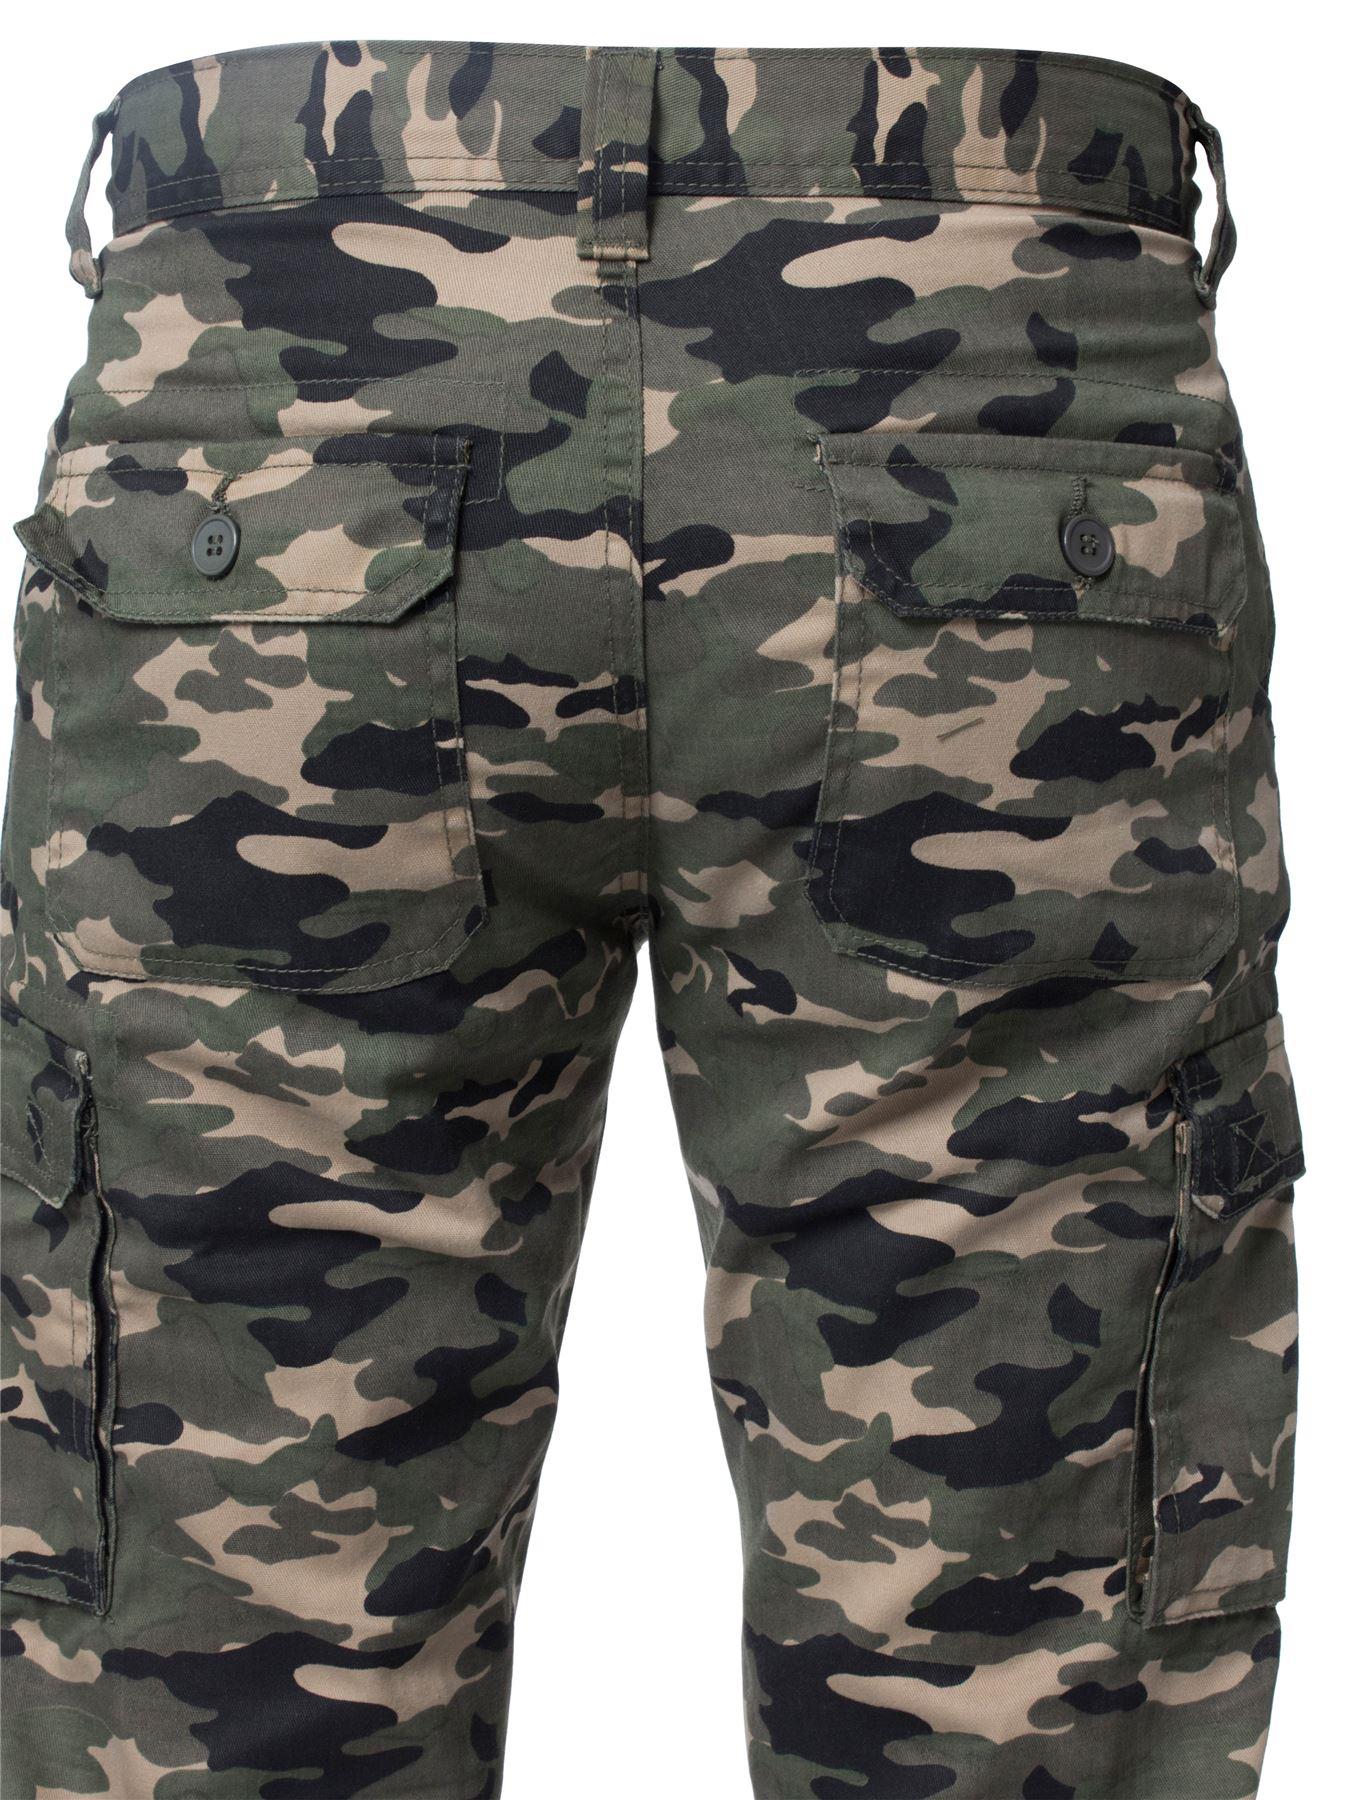 Kruze-Uomo-Militare-Pantaloni-Camouflage-Cargo-Mimetico-Casual-Lavoro miniatura 21